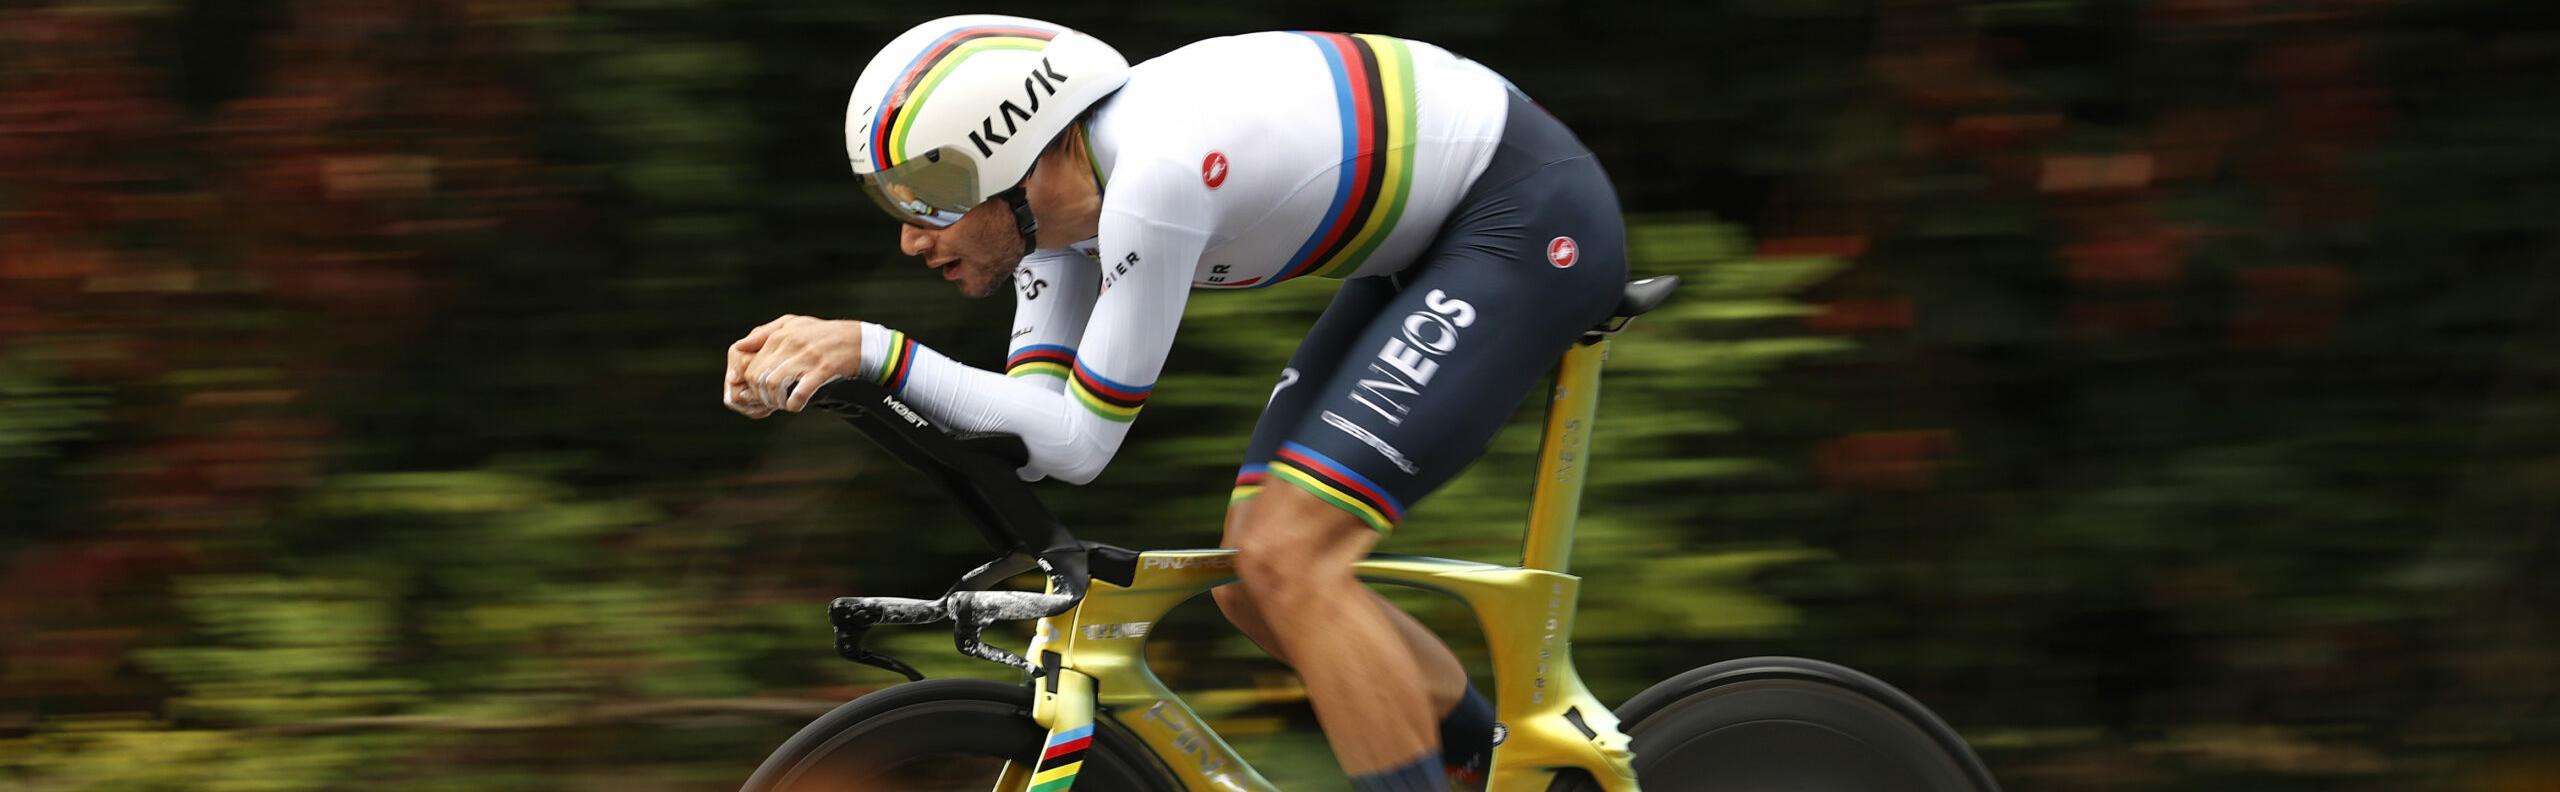 Giro d'Italia 2021, si parte: quote e favoriti della prima tappa!